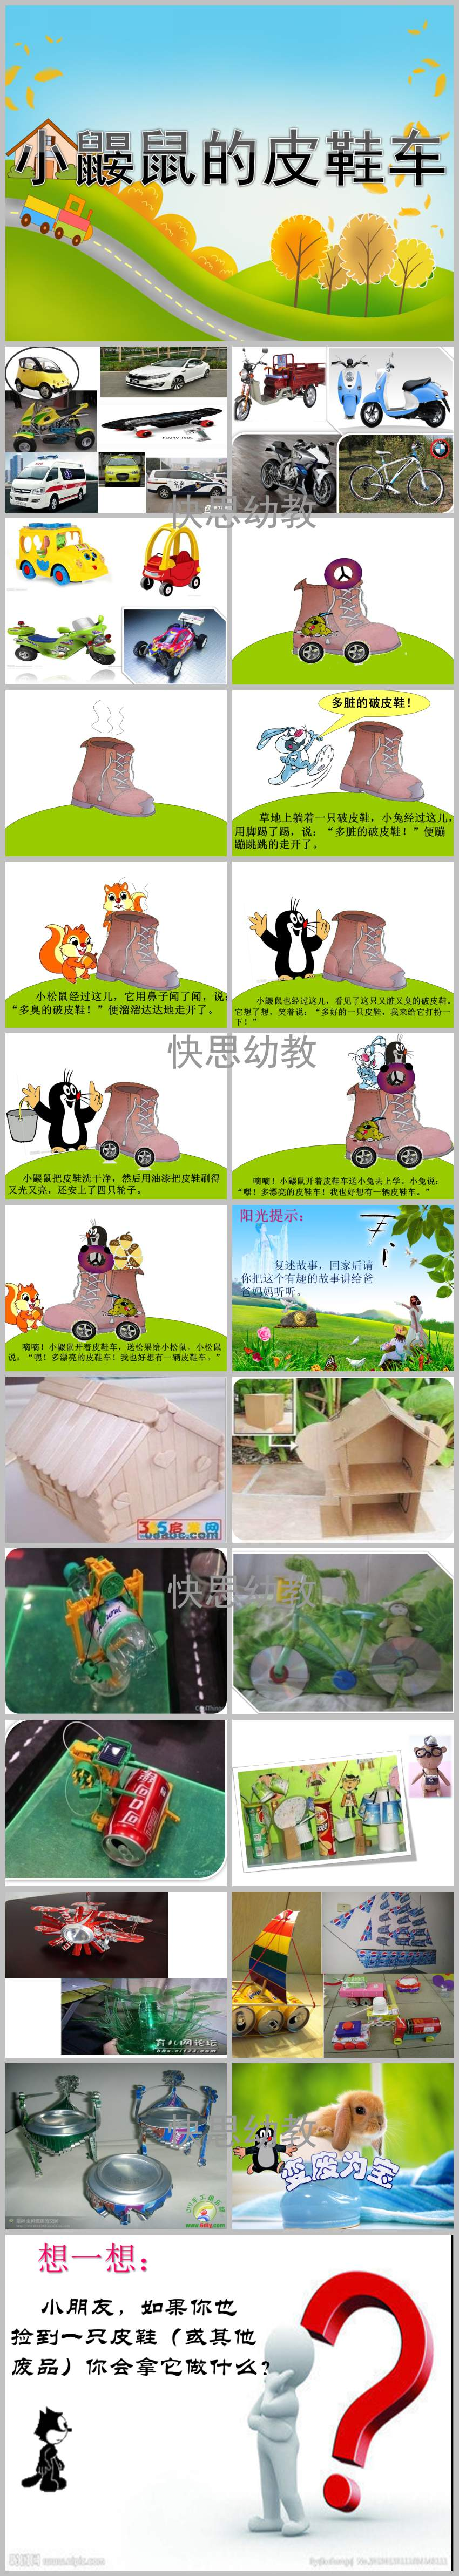 小鼹鼠的皮鞋车ppt_幼儿园大班语言《小鼹鼠的皮鞋车》PPT课件教案下载 - 快思幼教网